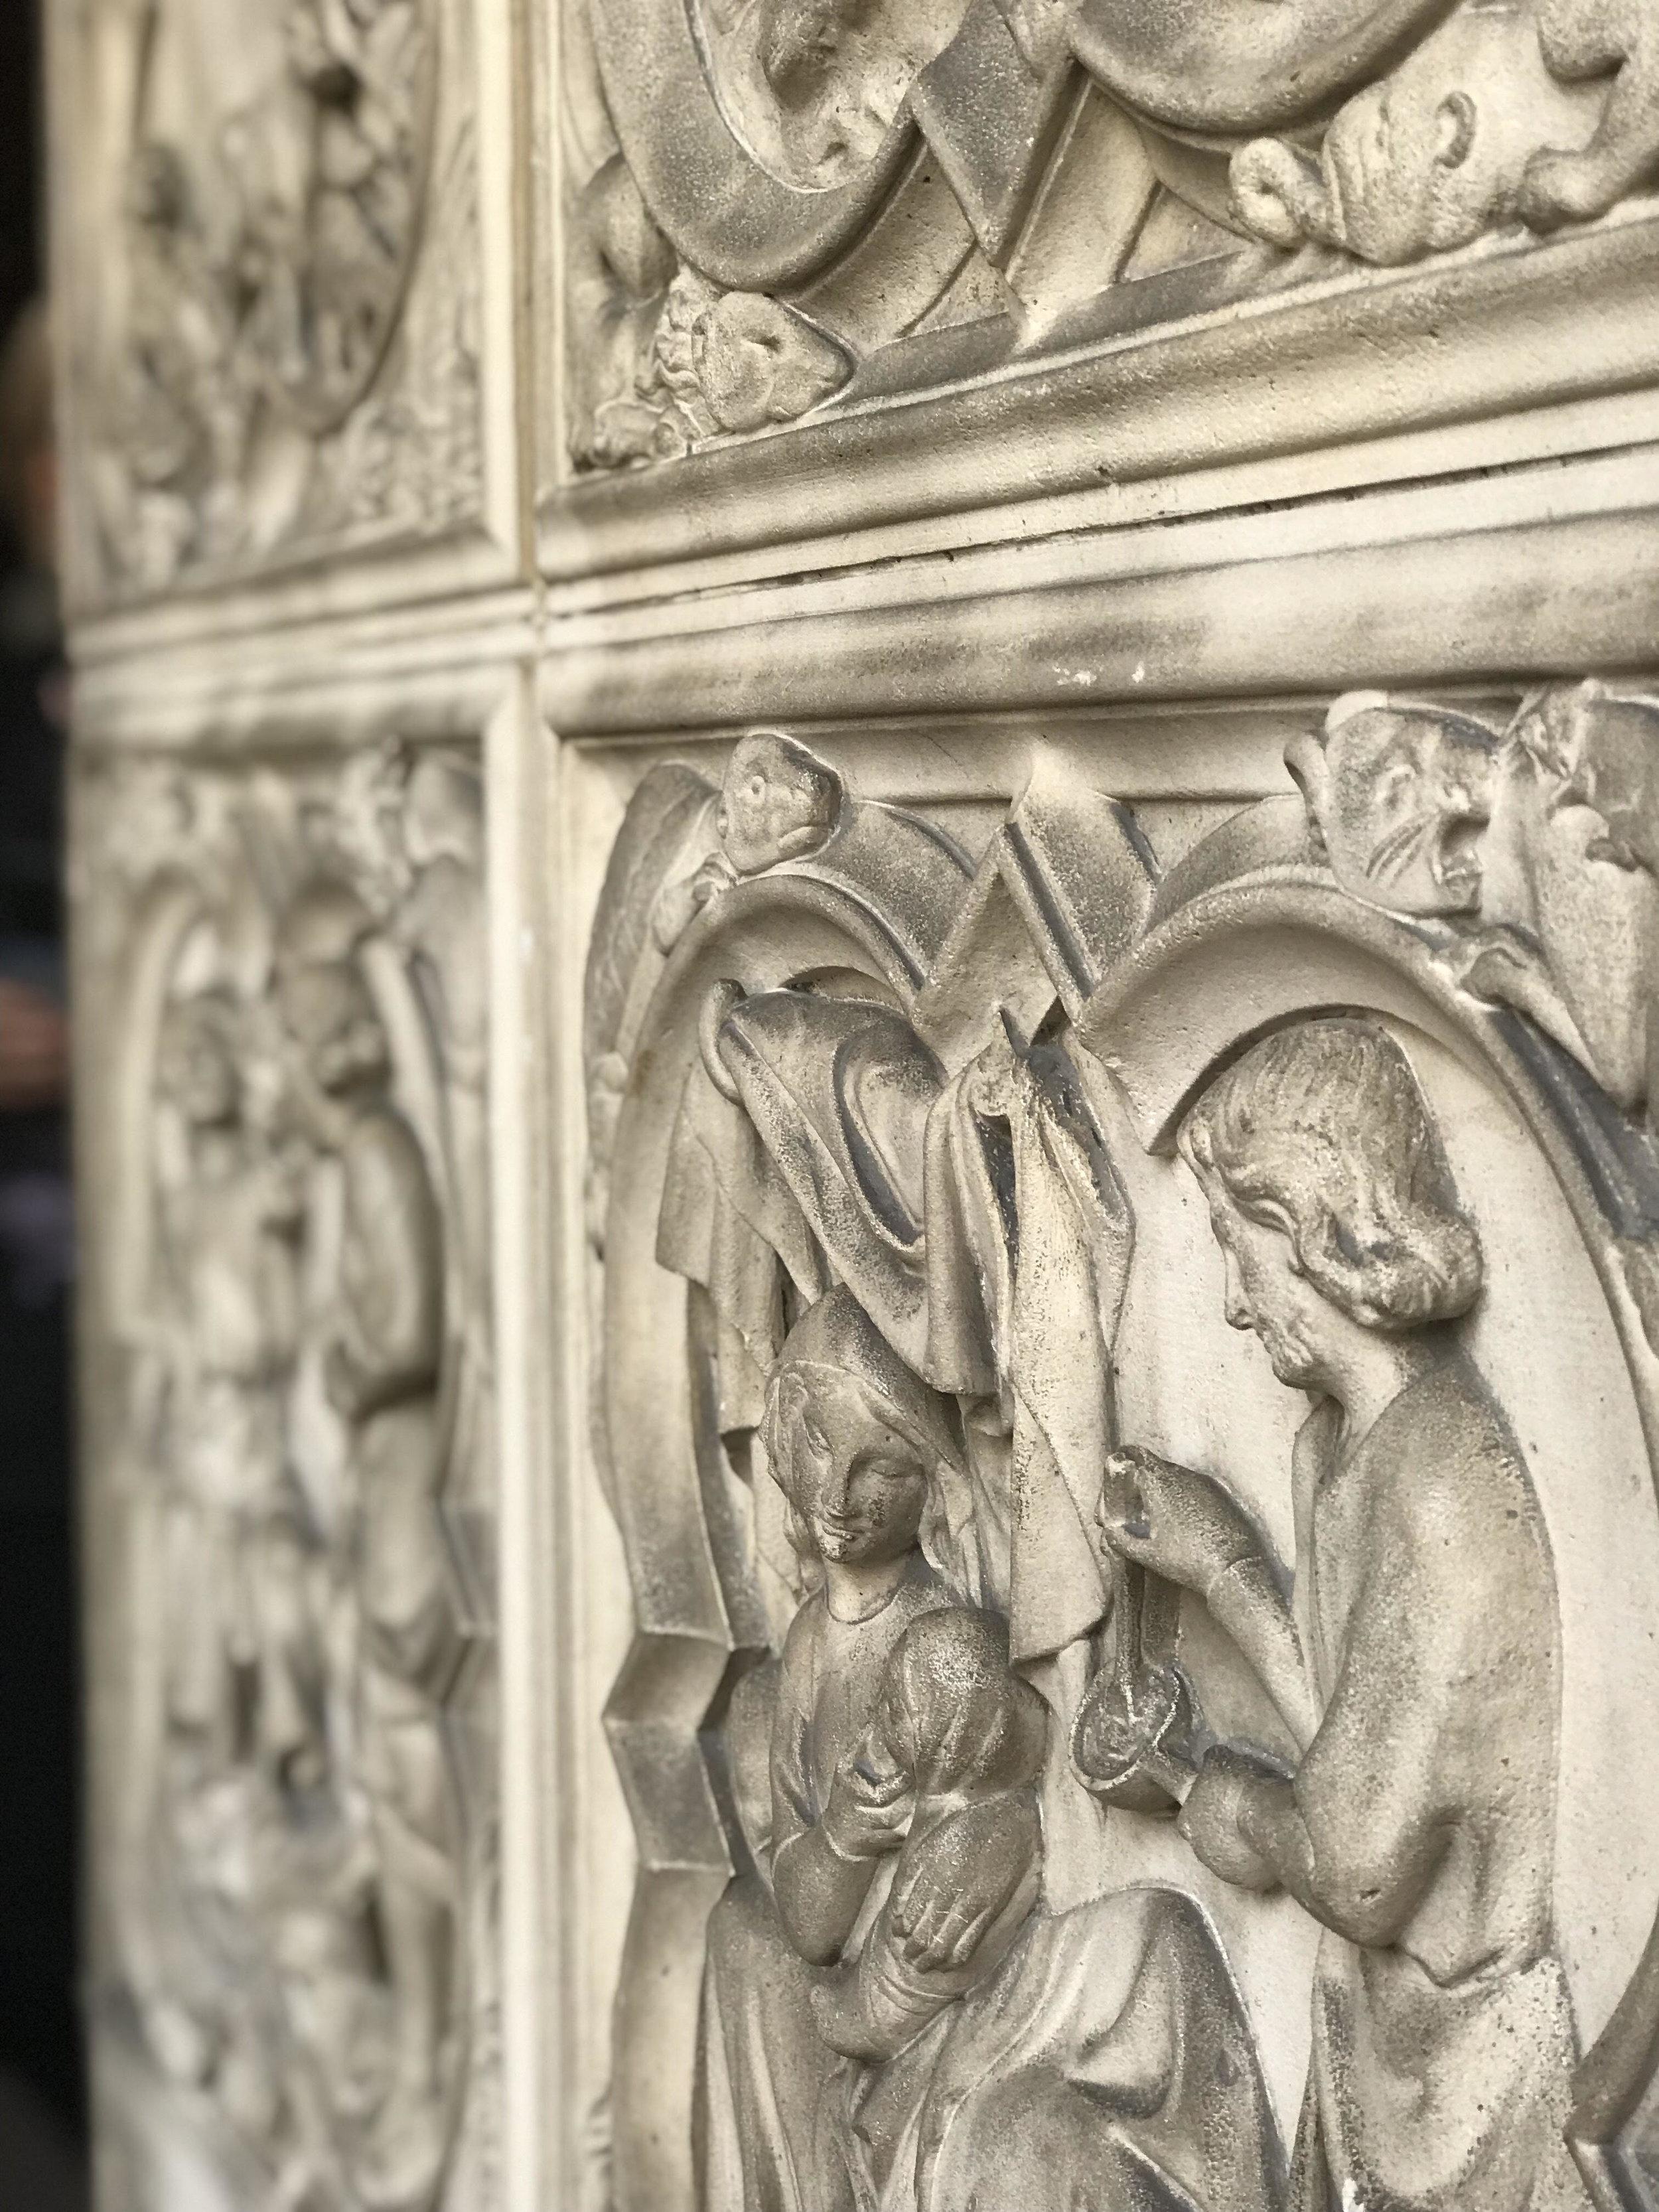 sainte-chapelle-architecutral-detail-paris